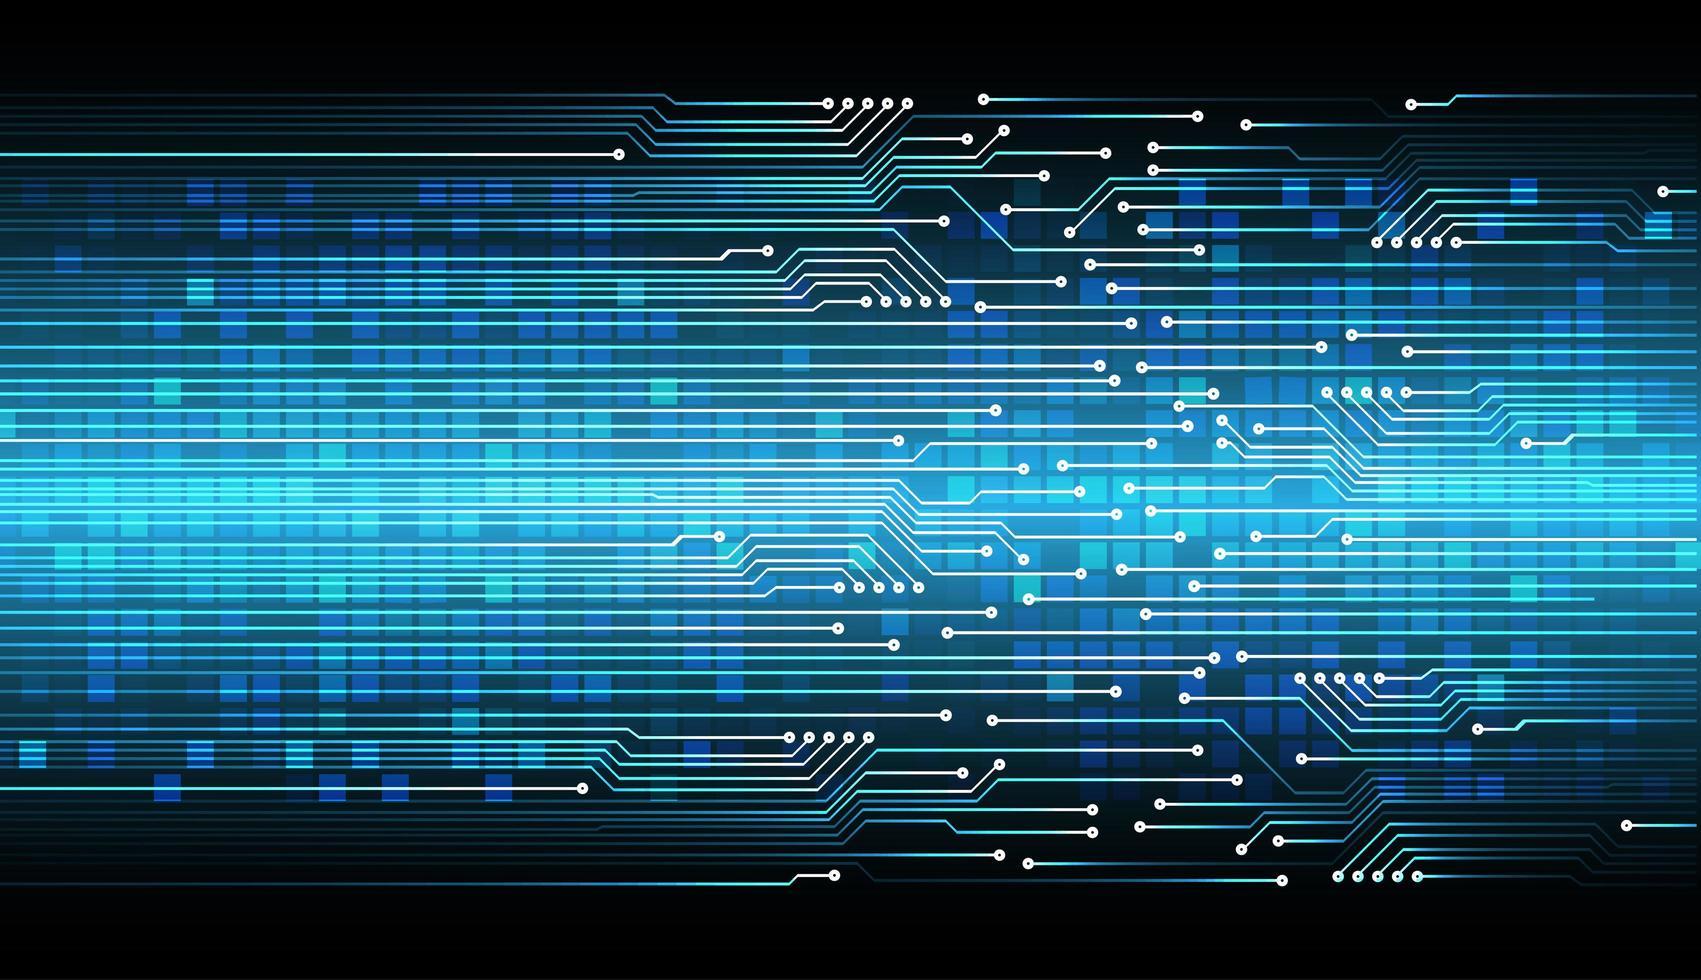 blå cyberkrets framtida teknikbakgrund vektor